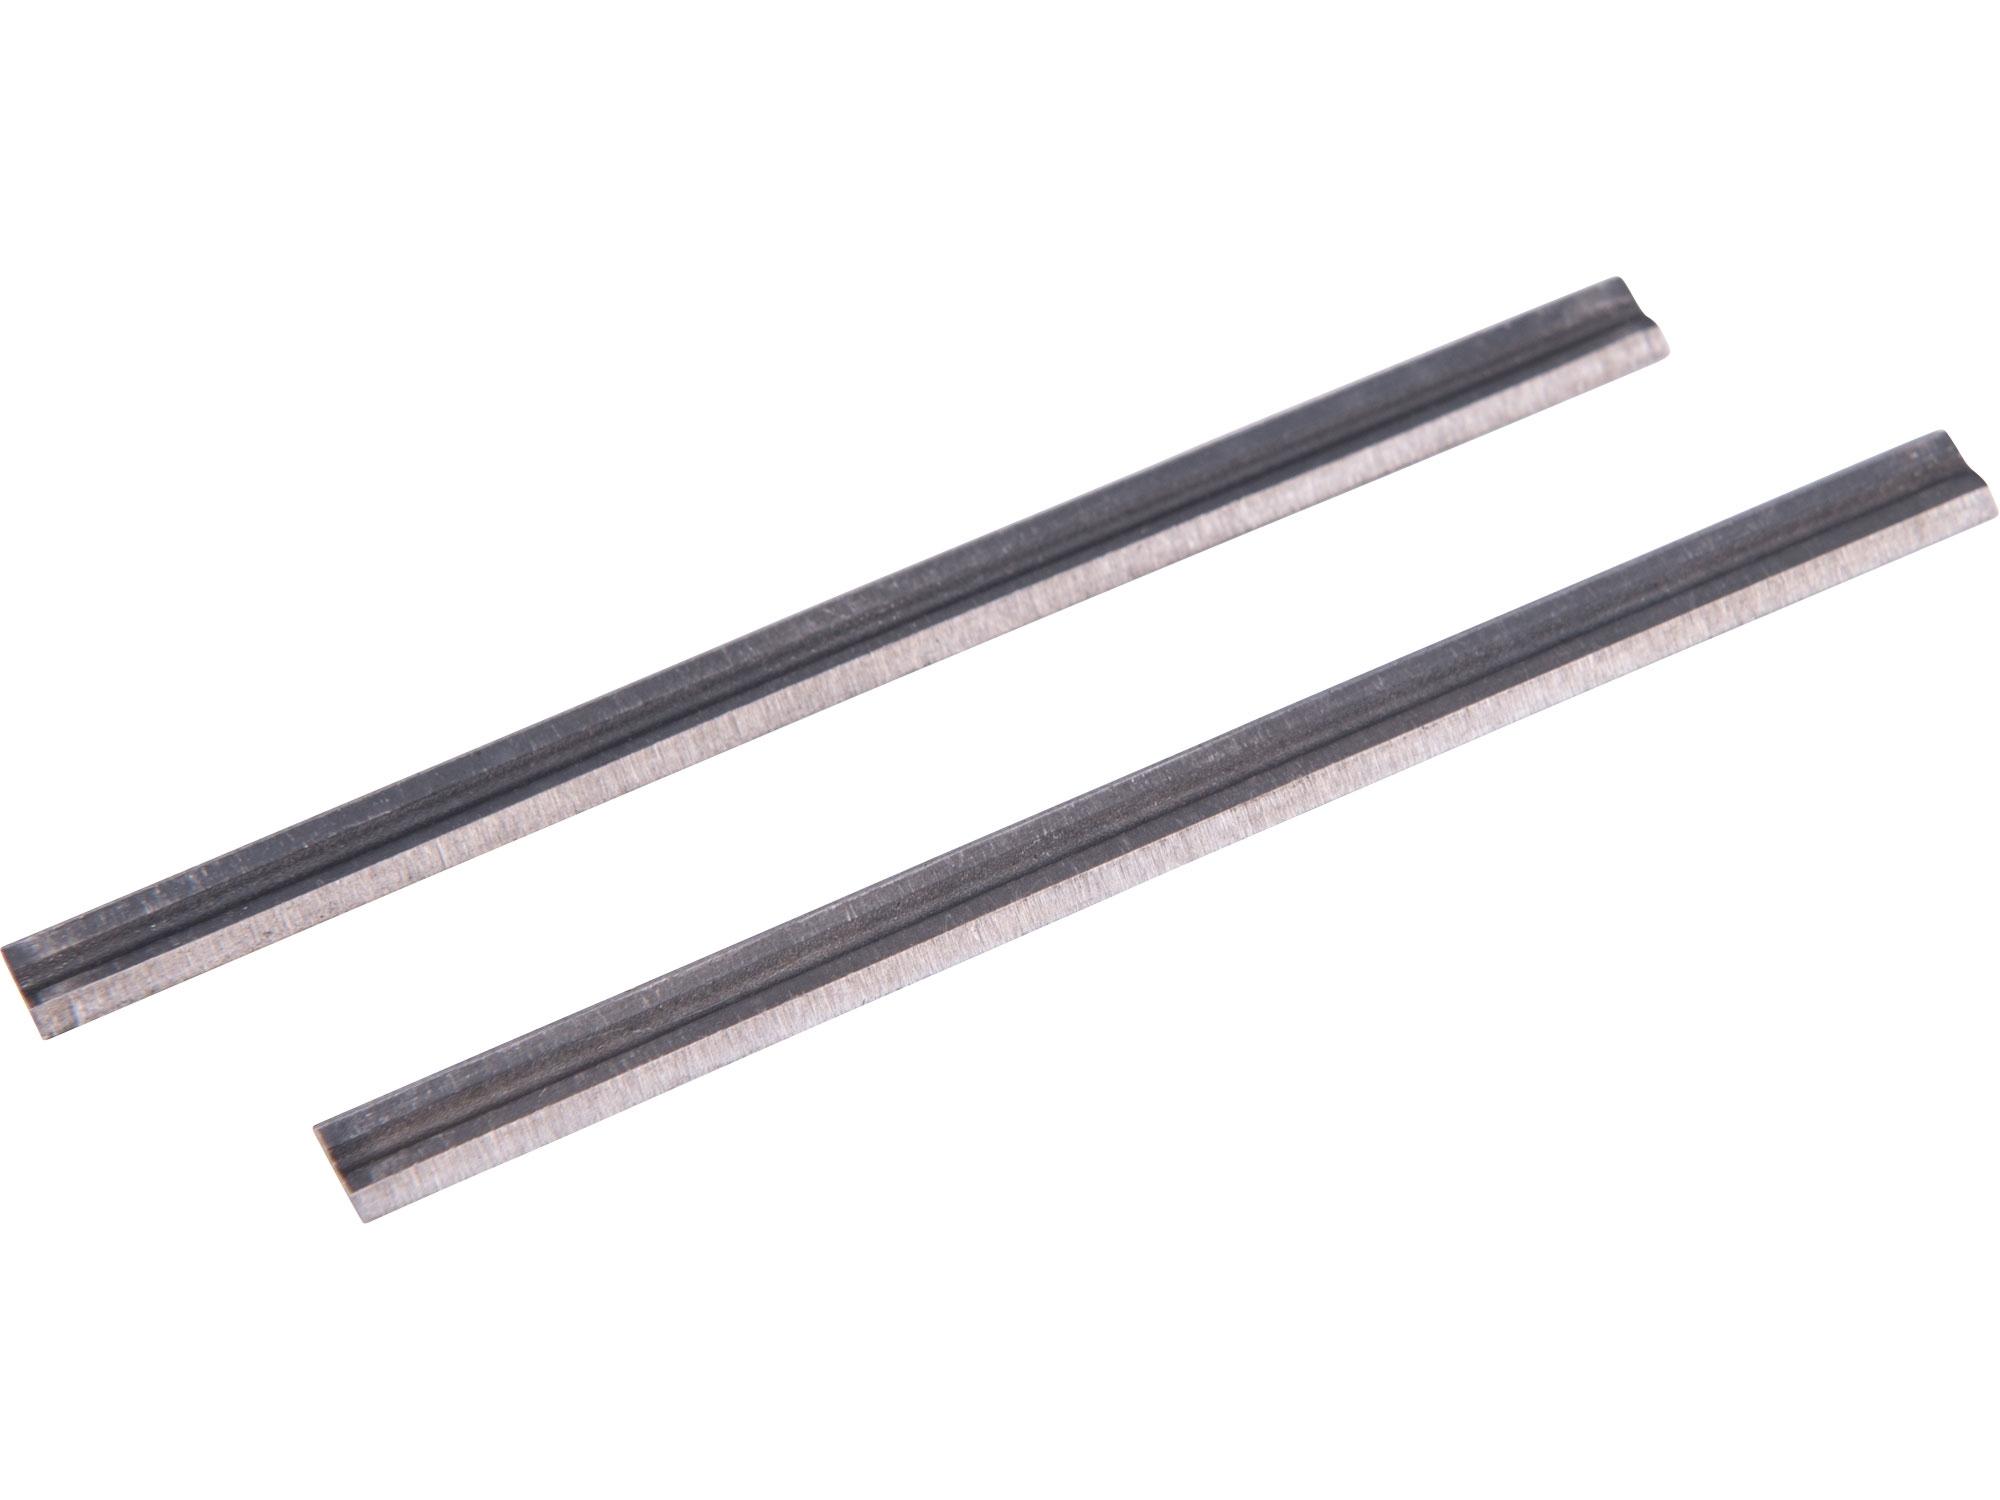 hoblovací nůž, 2ks, 82x5,7x1mm, pro 409113 409113-32